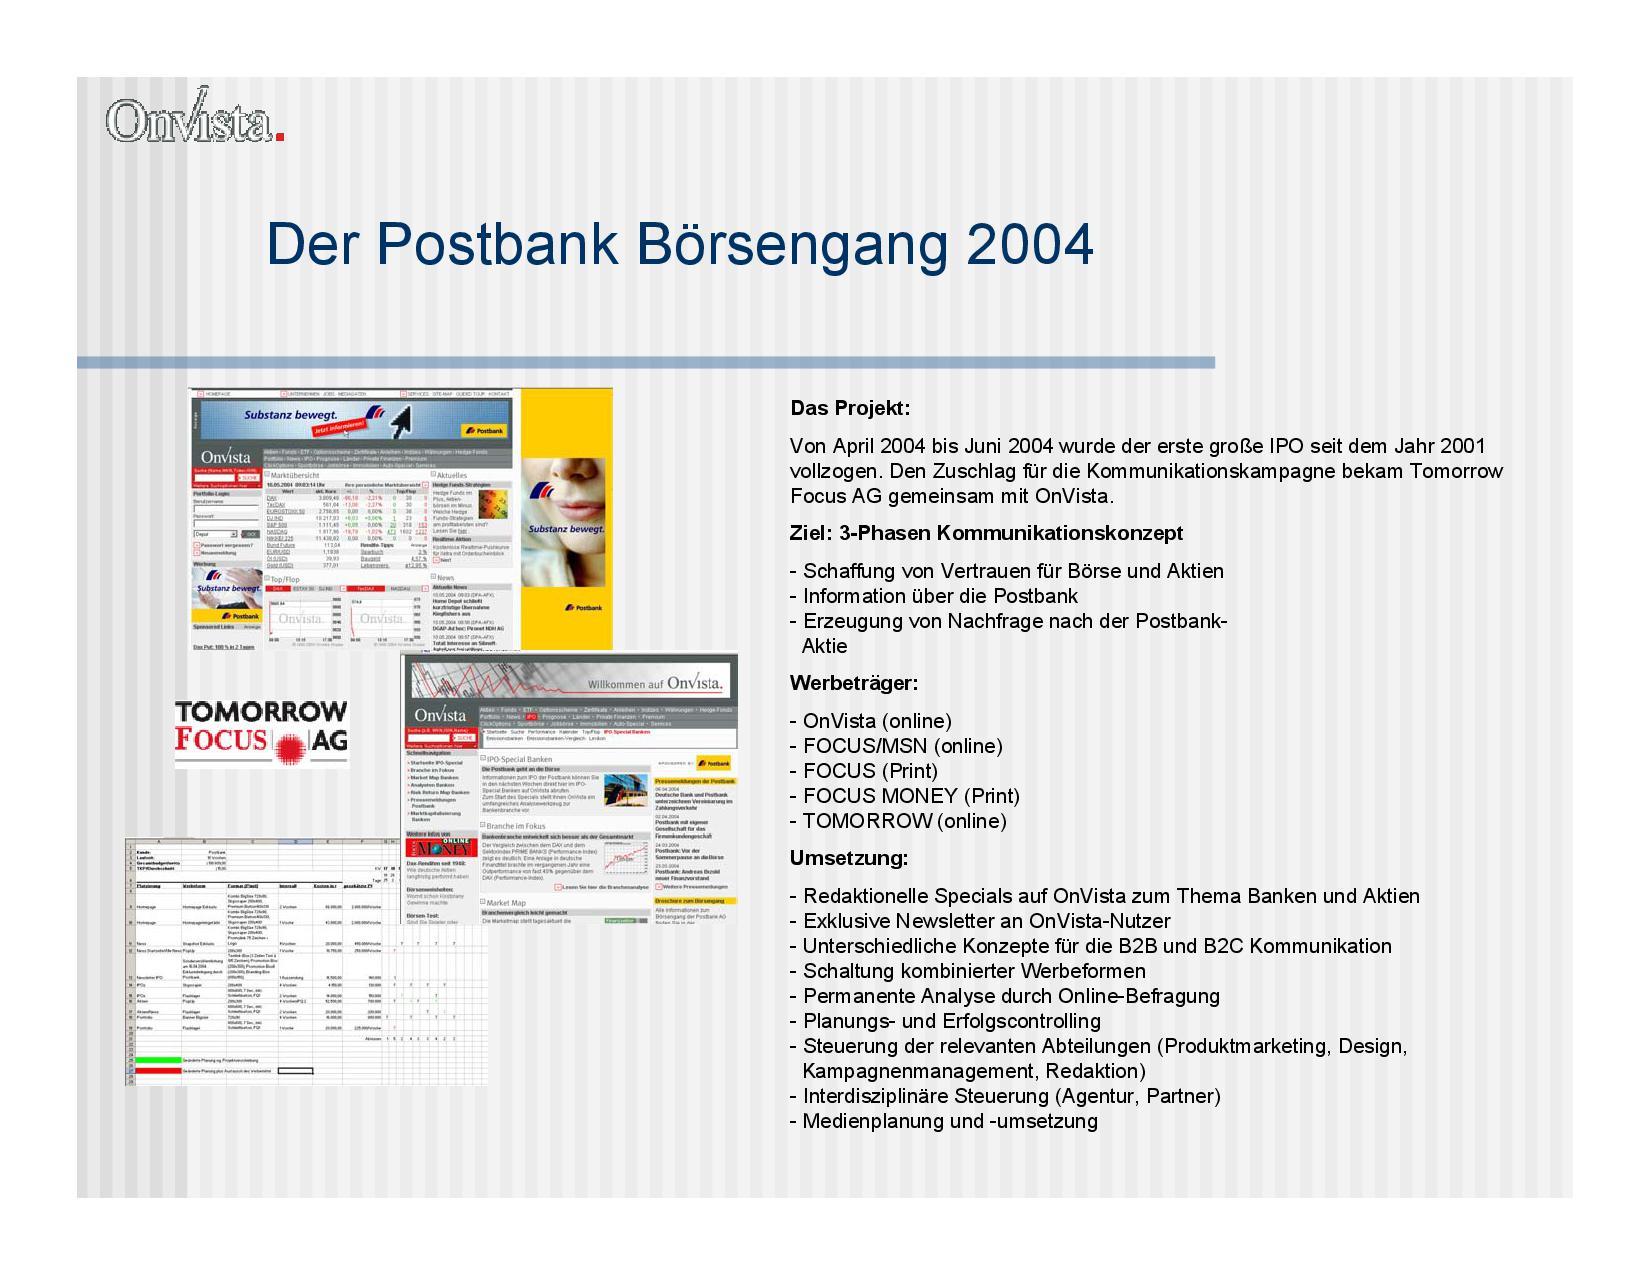 Eine Präsentationsseite vom Postbank Börsengang 2004